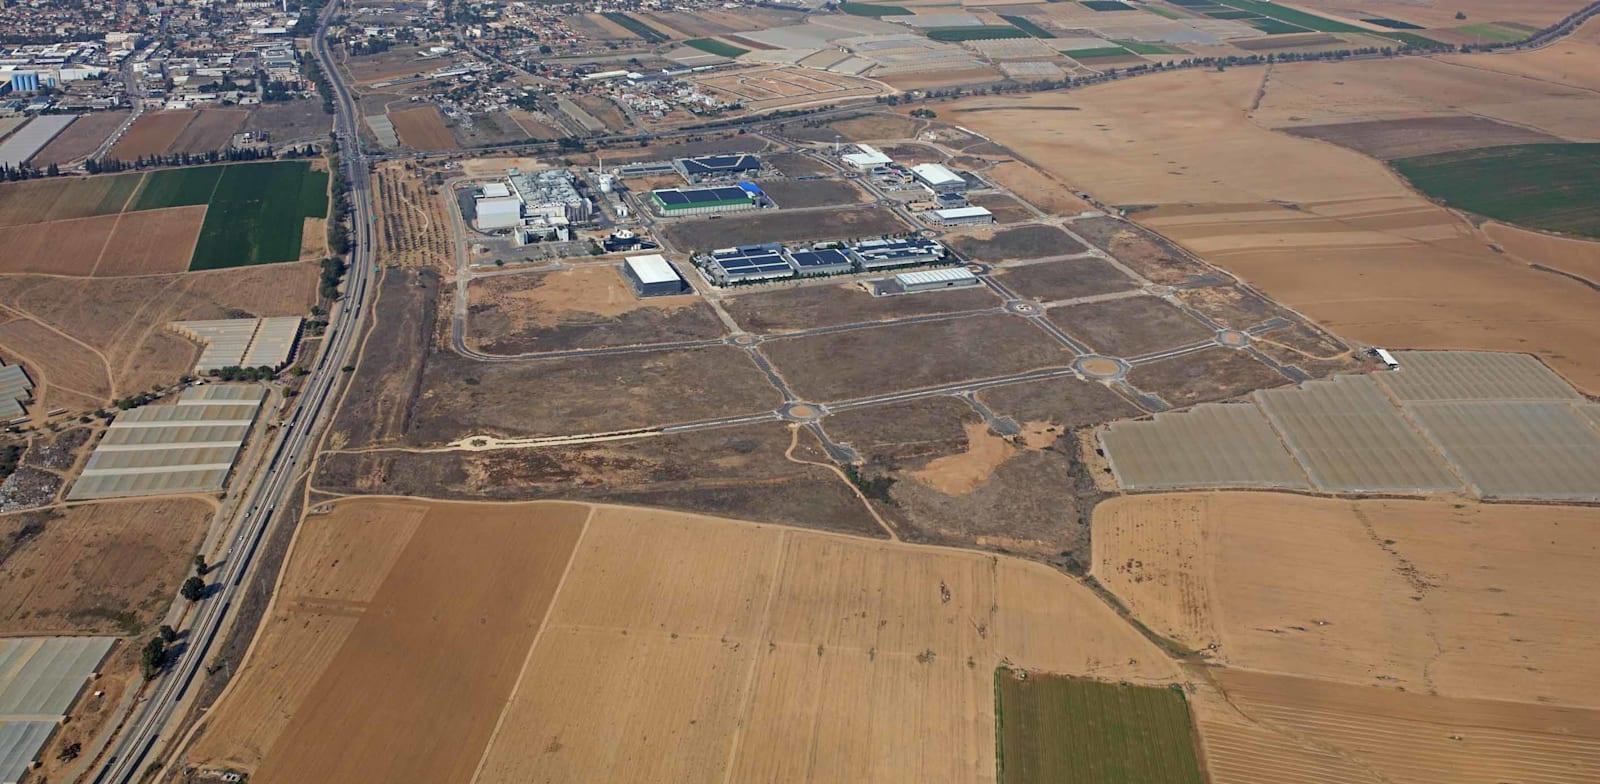 פארק תעשייה נ.ע.מ / צילום: אופק צילומי אוויר